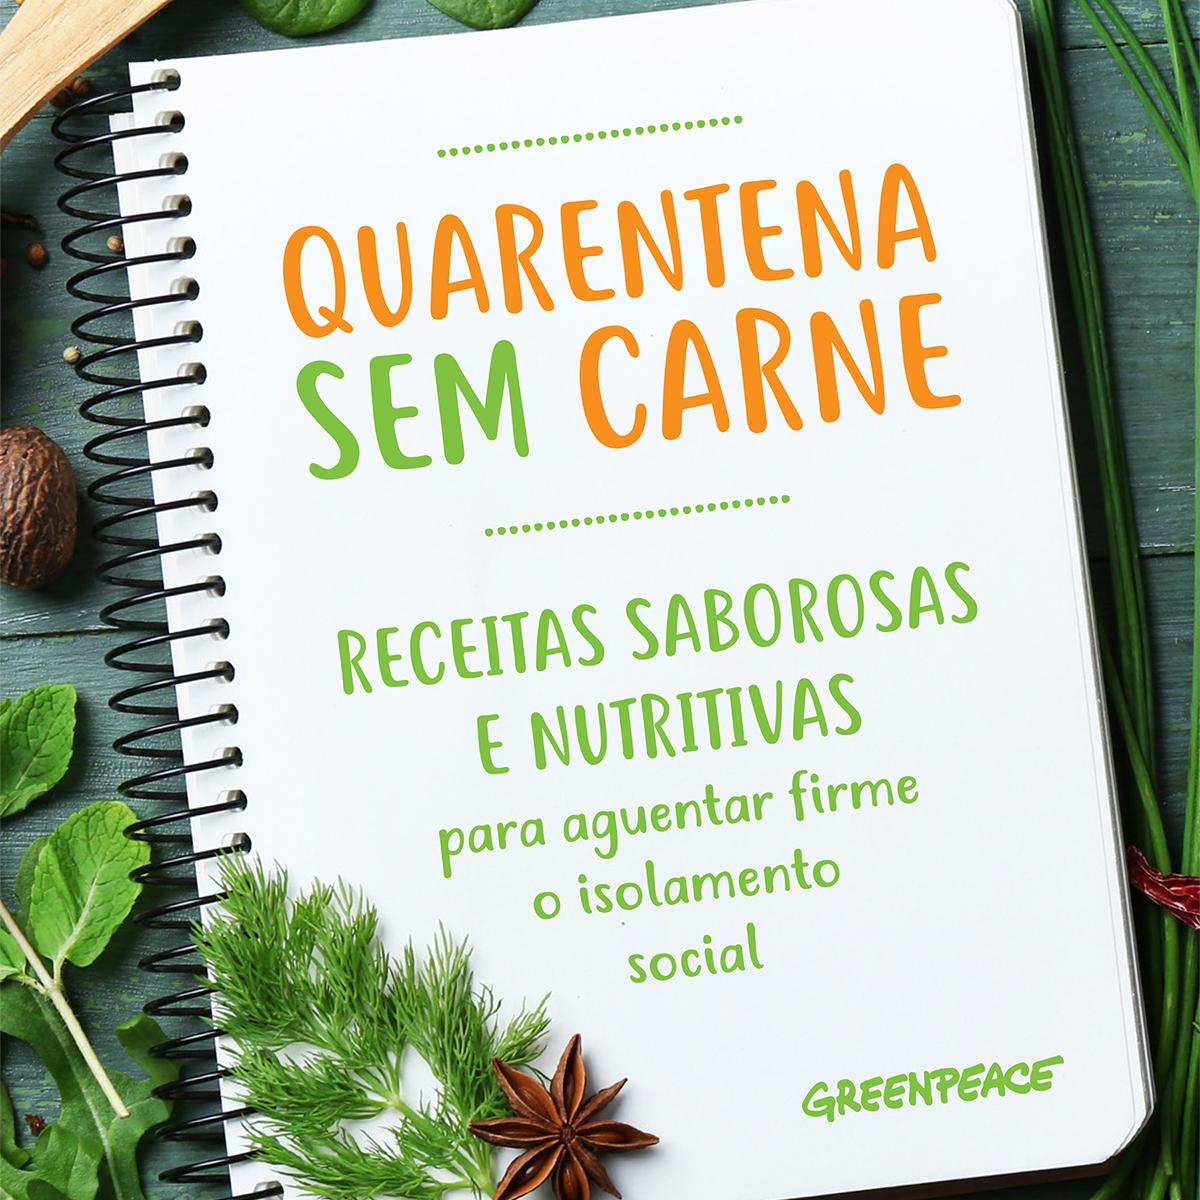 Quarentena Sem Carne - ebook de receitas